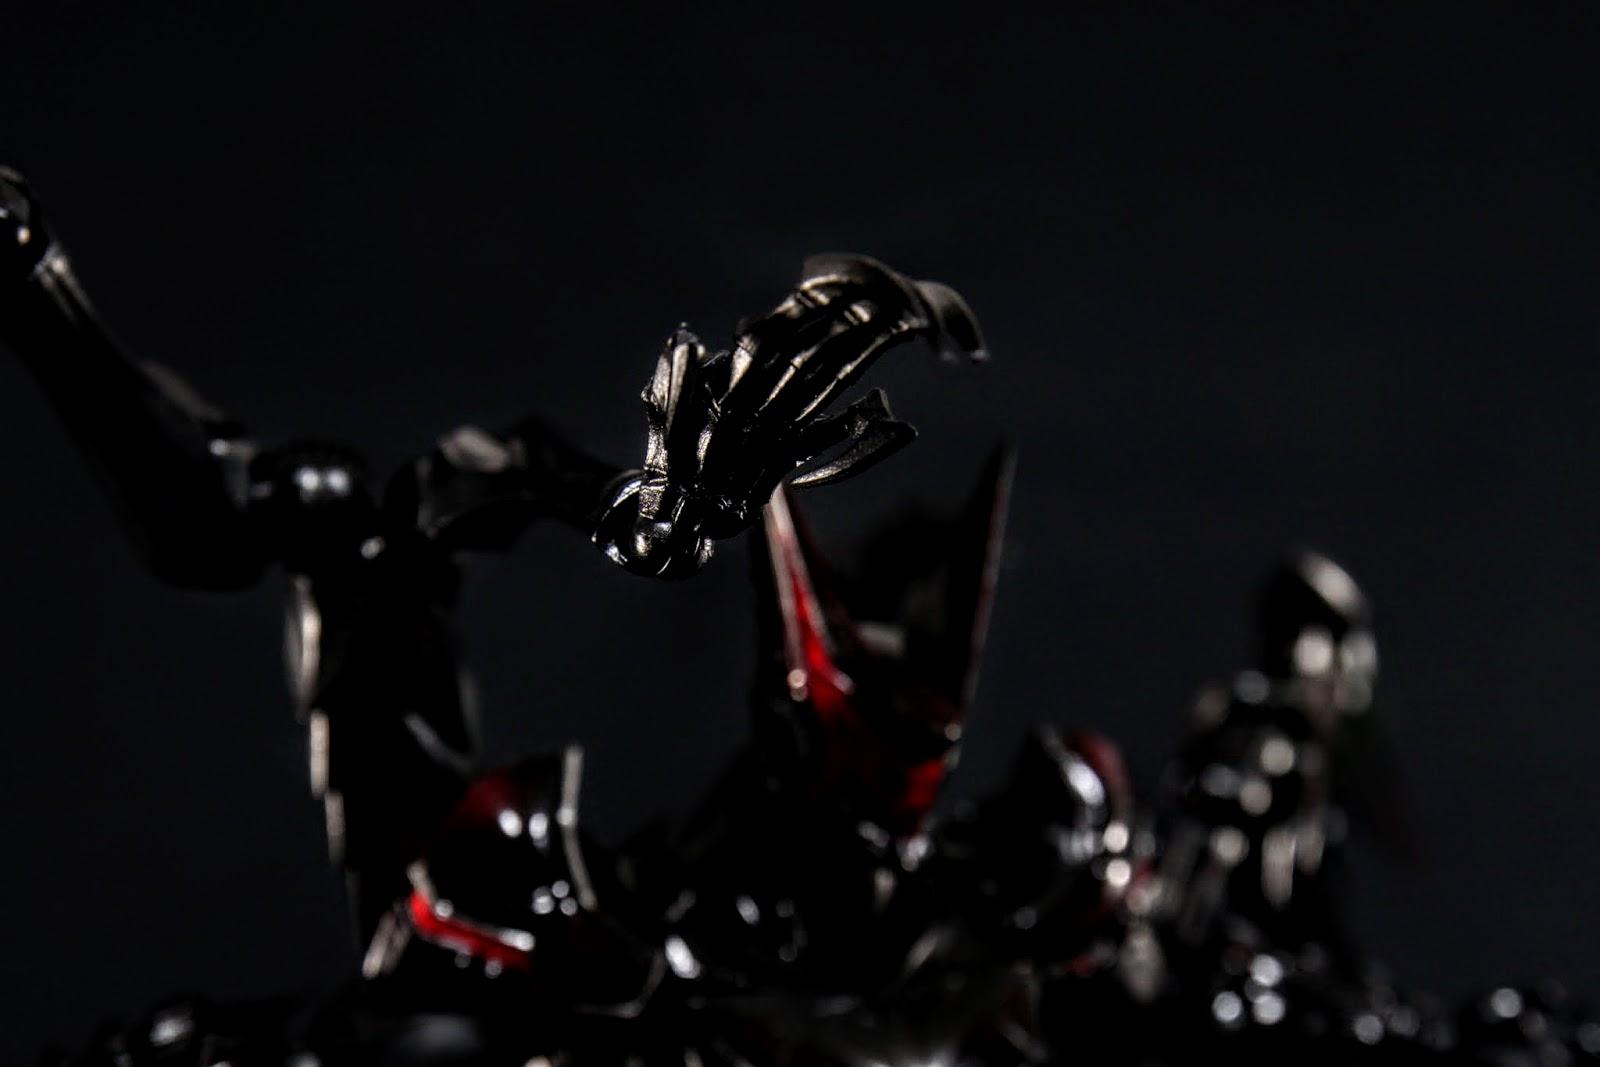 惡魔爪一般狀態